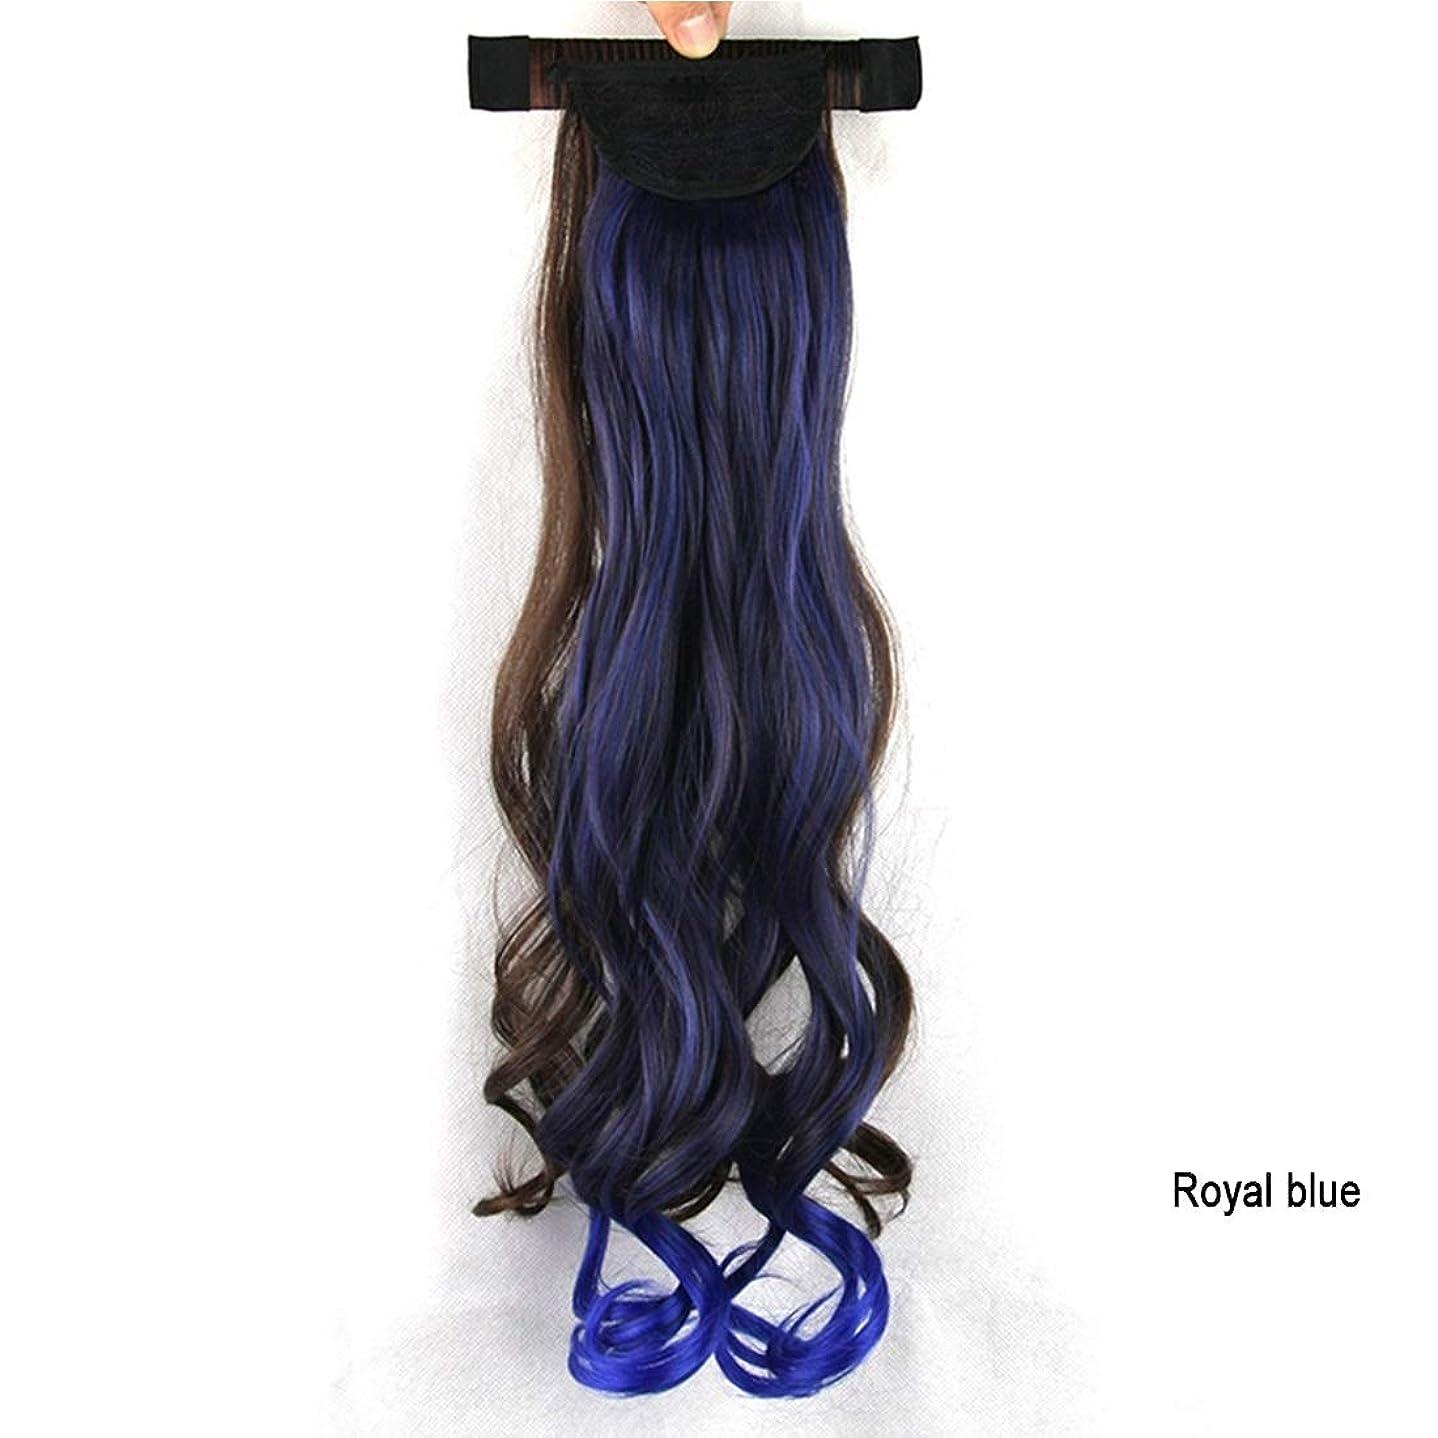 柔らかいペアお気に入りShrapnel Ponytail WigミックスカラーCurly Hair Ponytail Wig女の子のためのヨーロッパとアメリカの甘いポニーテール (Color : Royal blue)